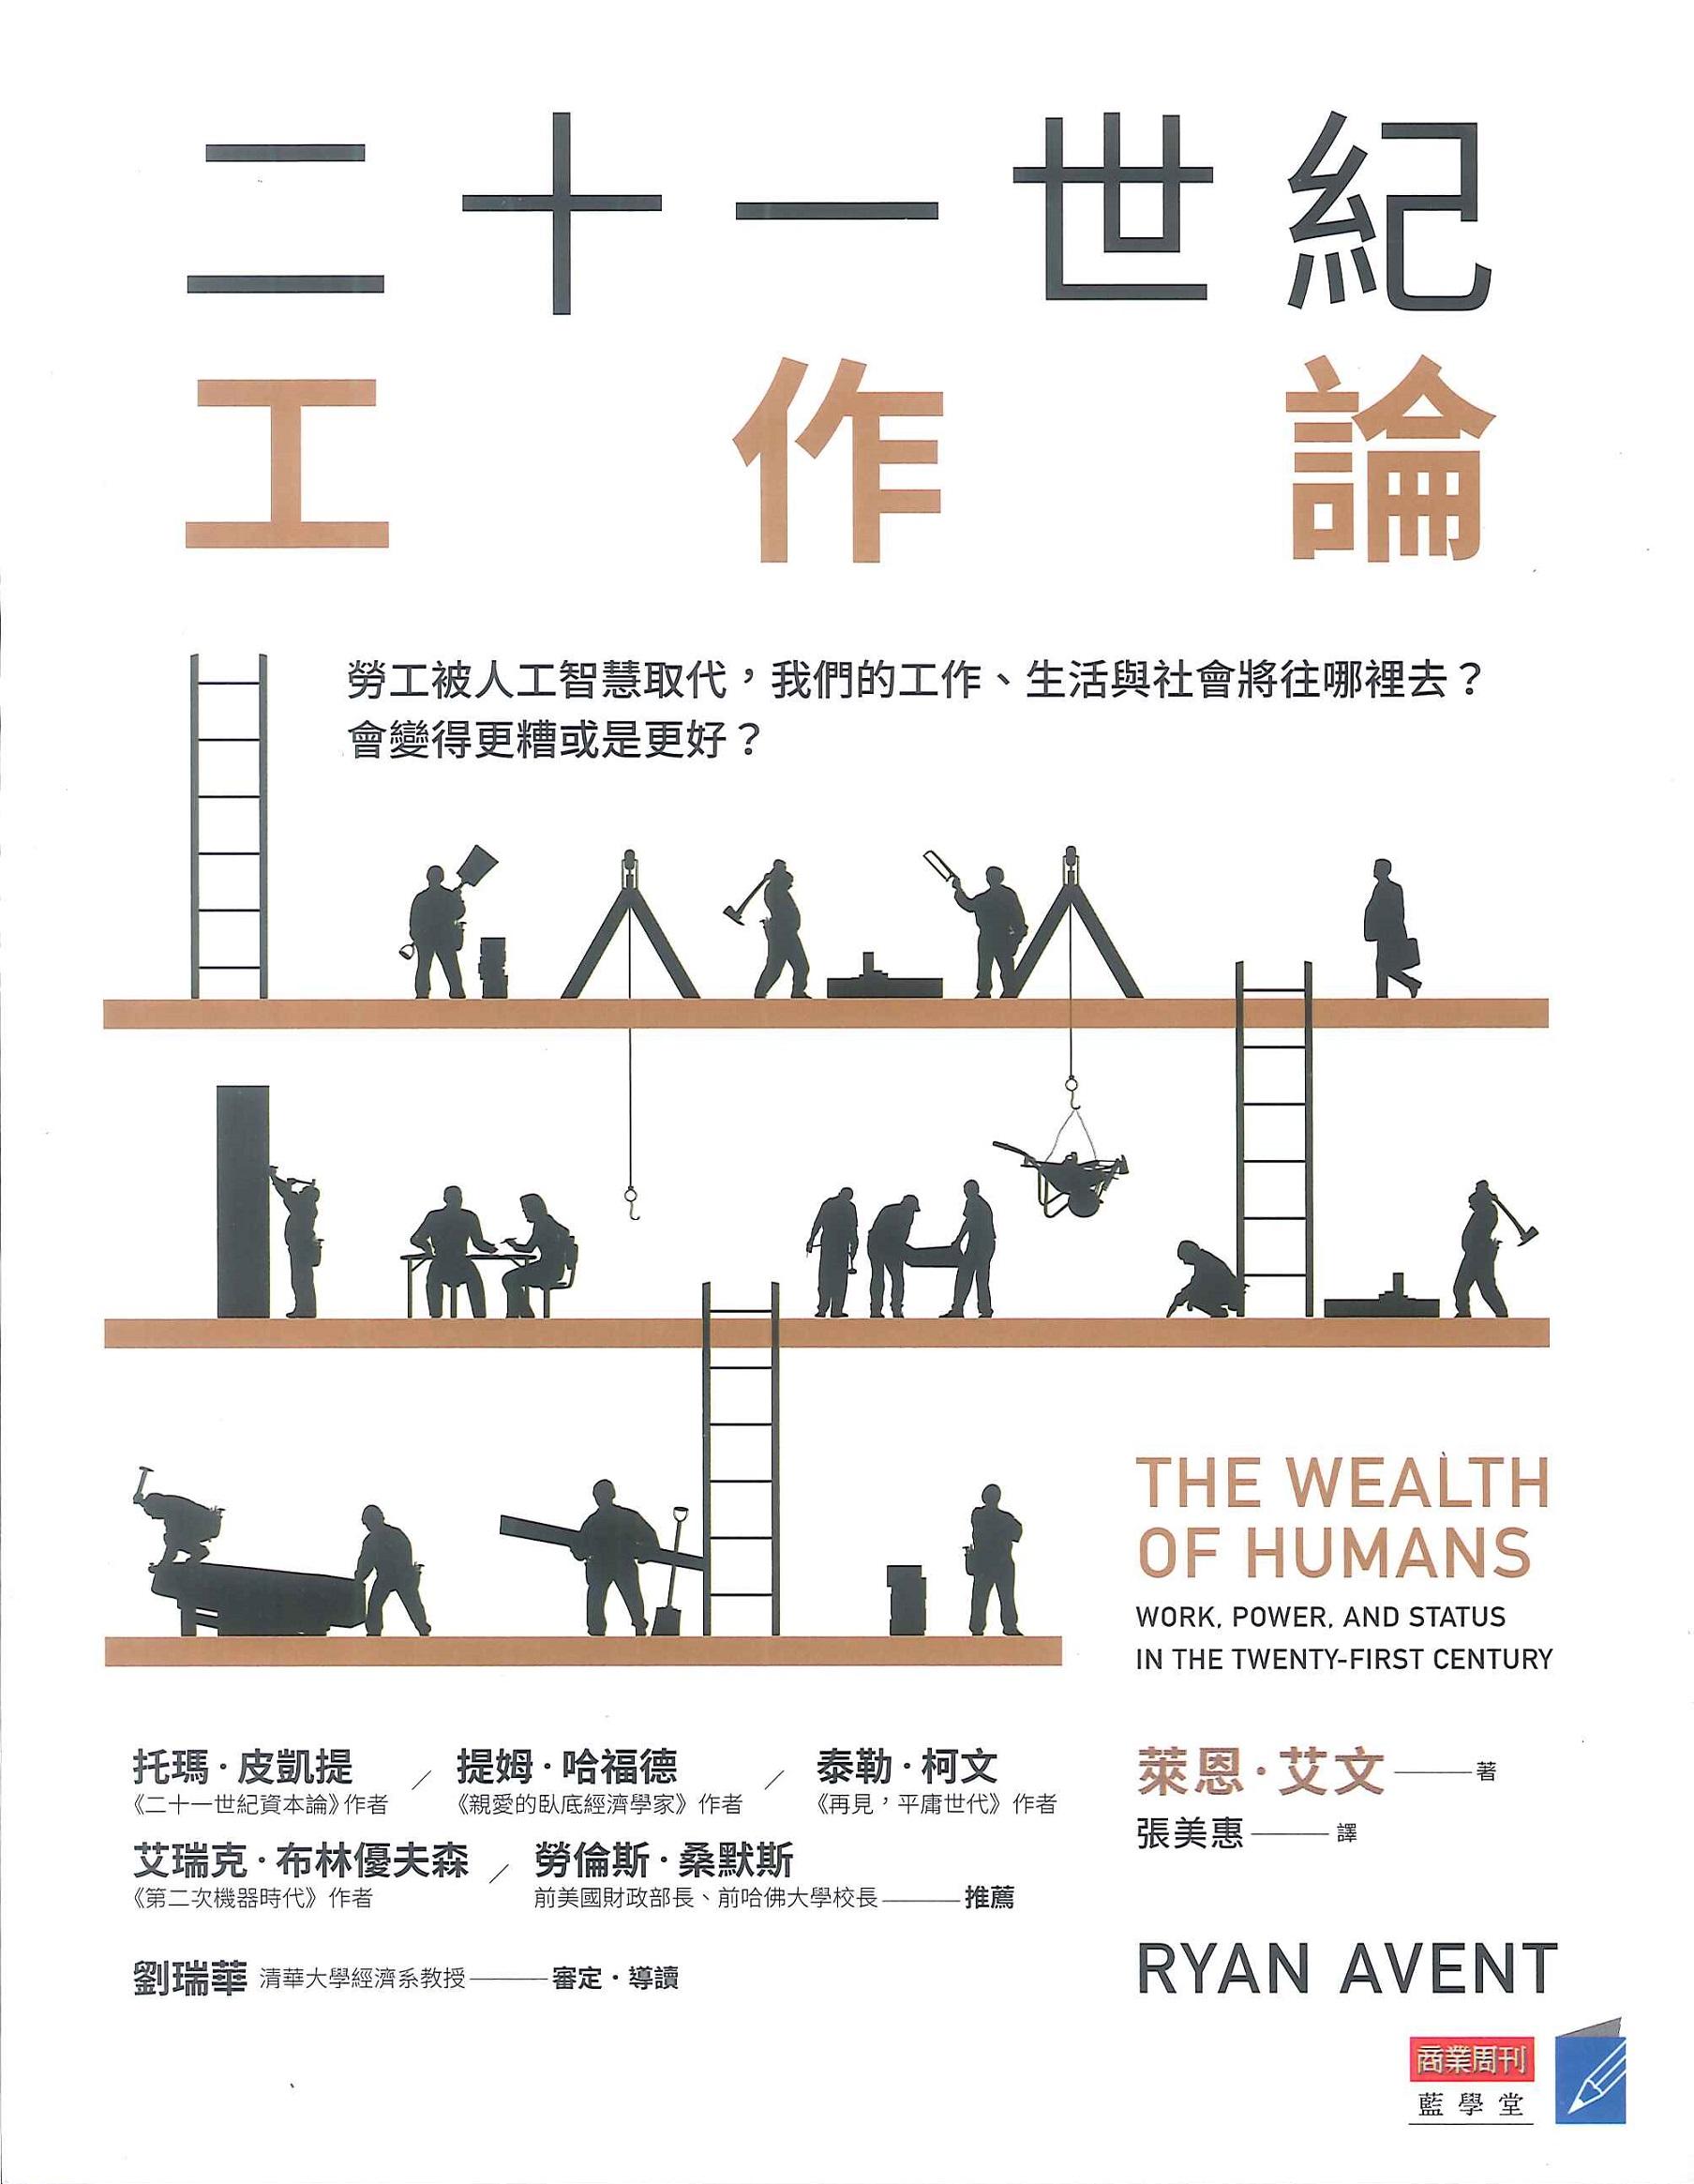 二十一世紀工作論:勞工被人工智慧取代,我們的工作、生活與社會將往哪裡去?會變得更糟或是更好?